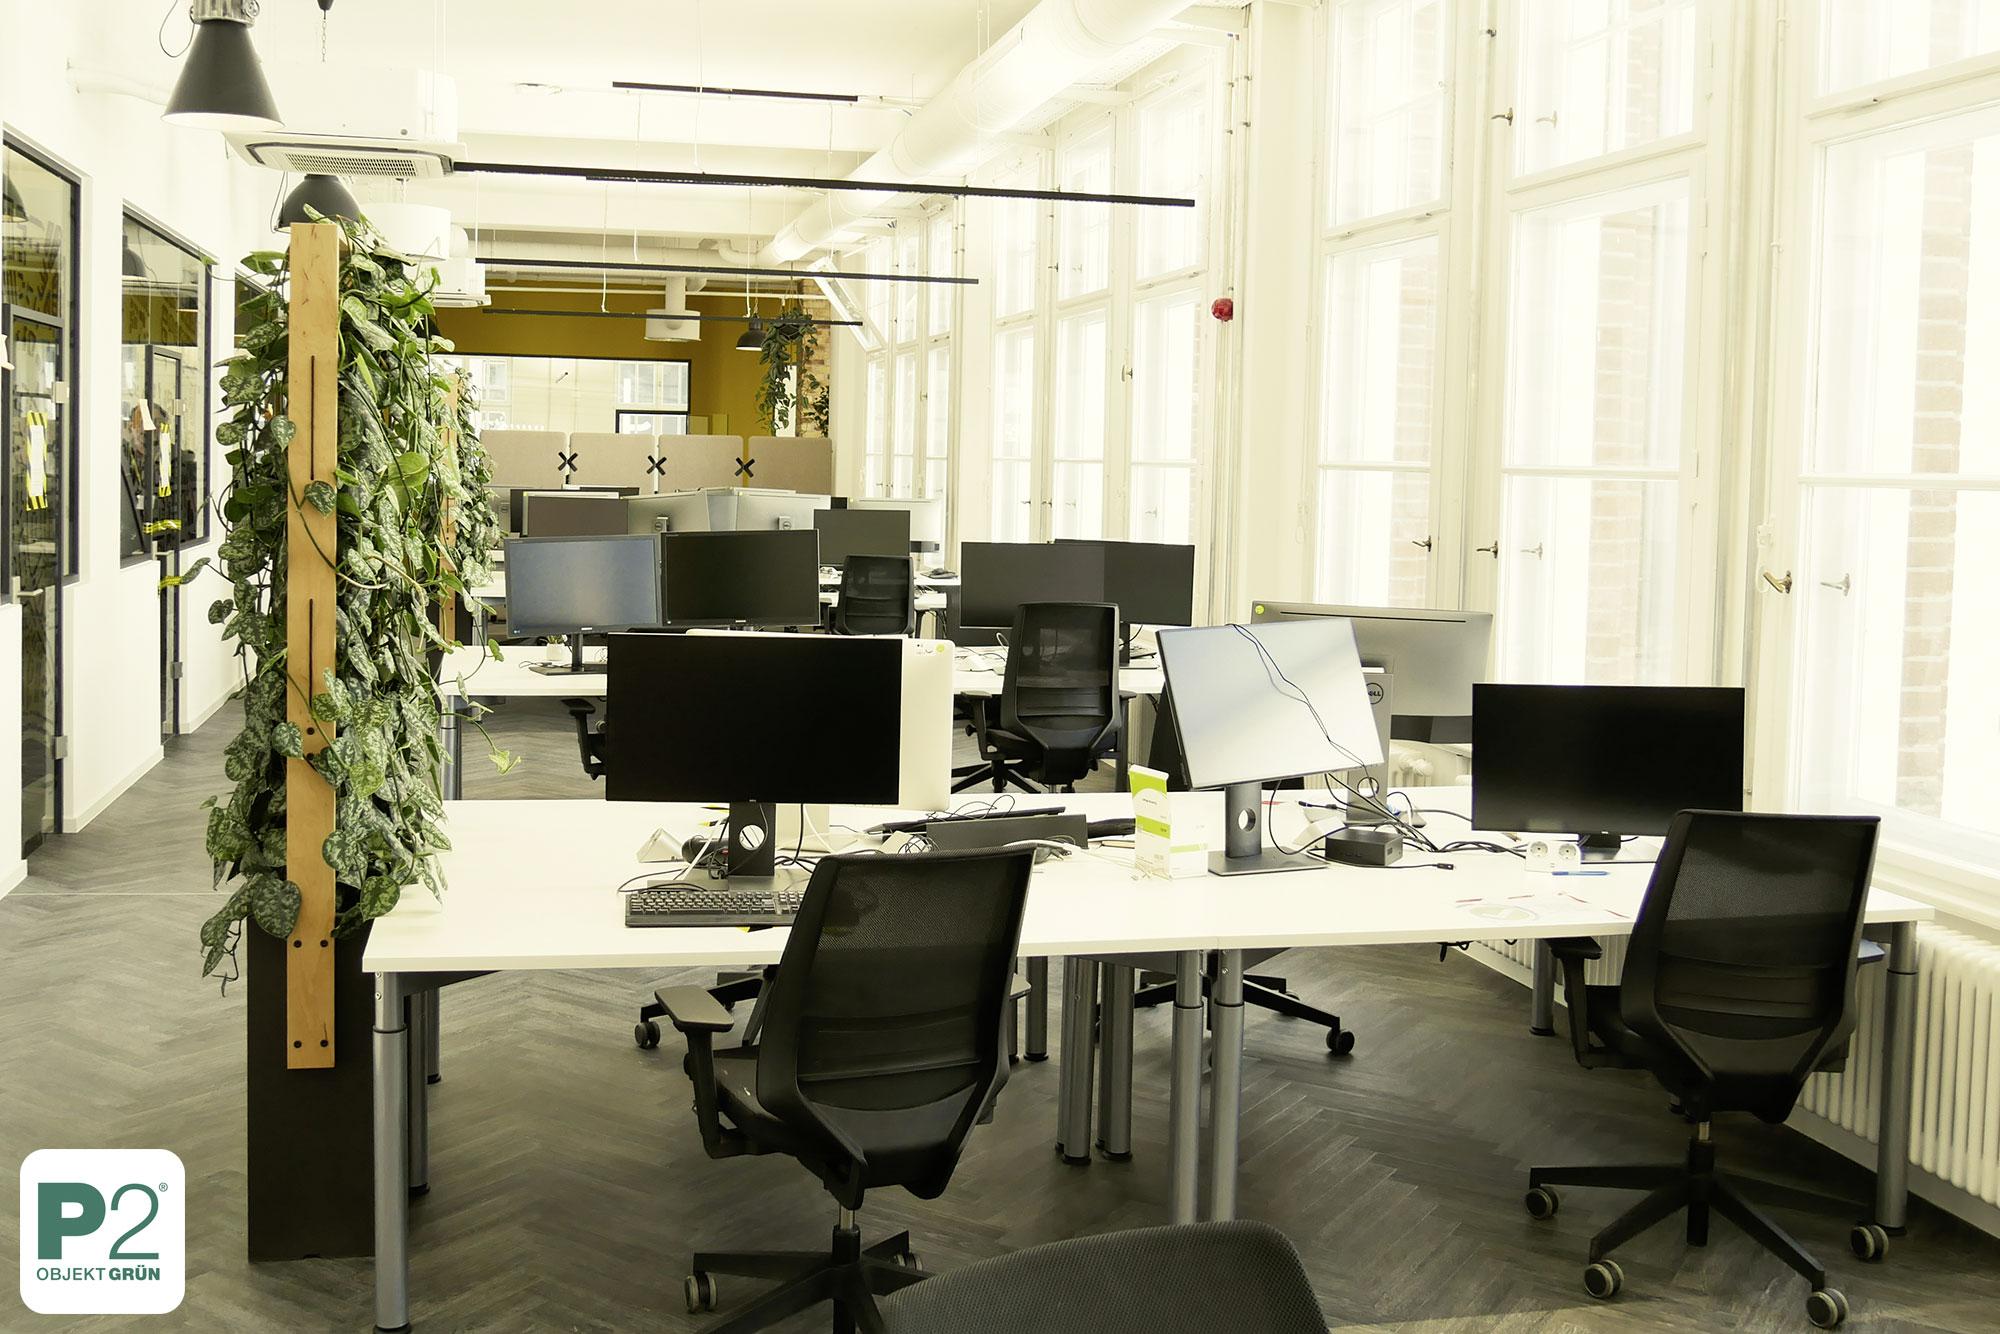 Pflanzen als Raumteiler